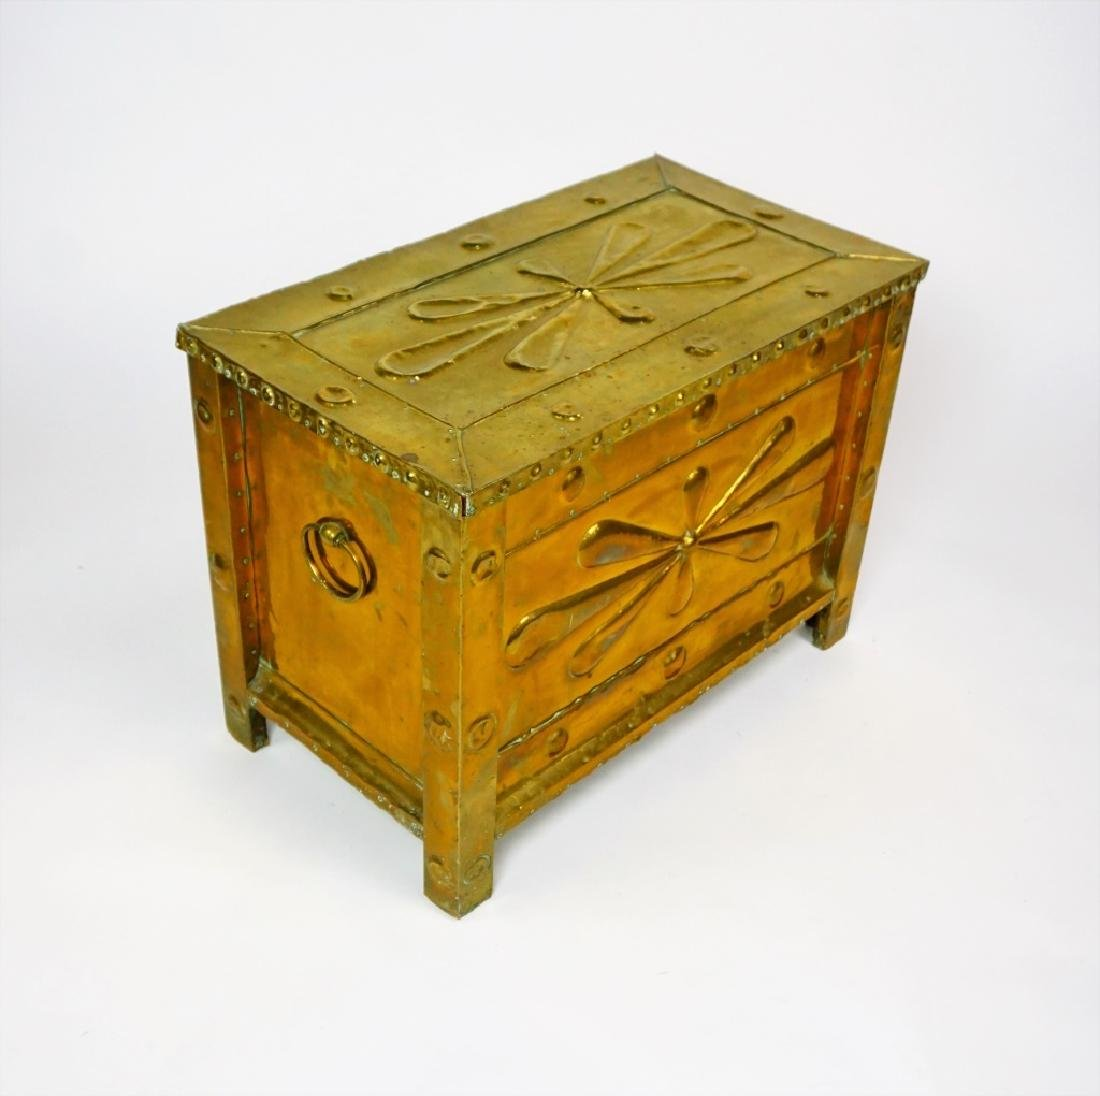 BRASS CLAD KINDLING BOX ANTIUQE - 7